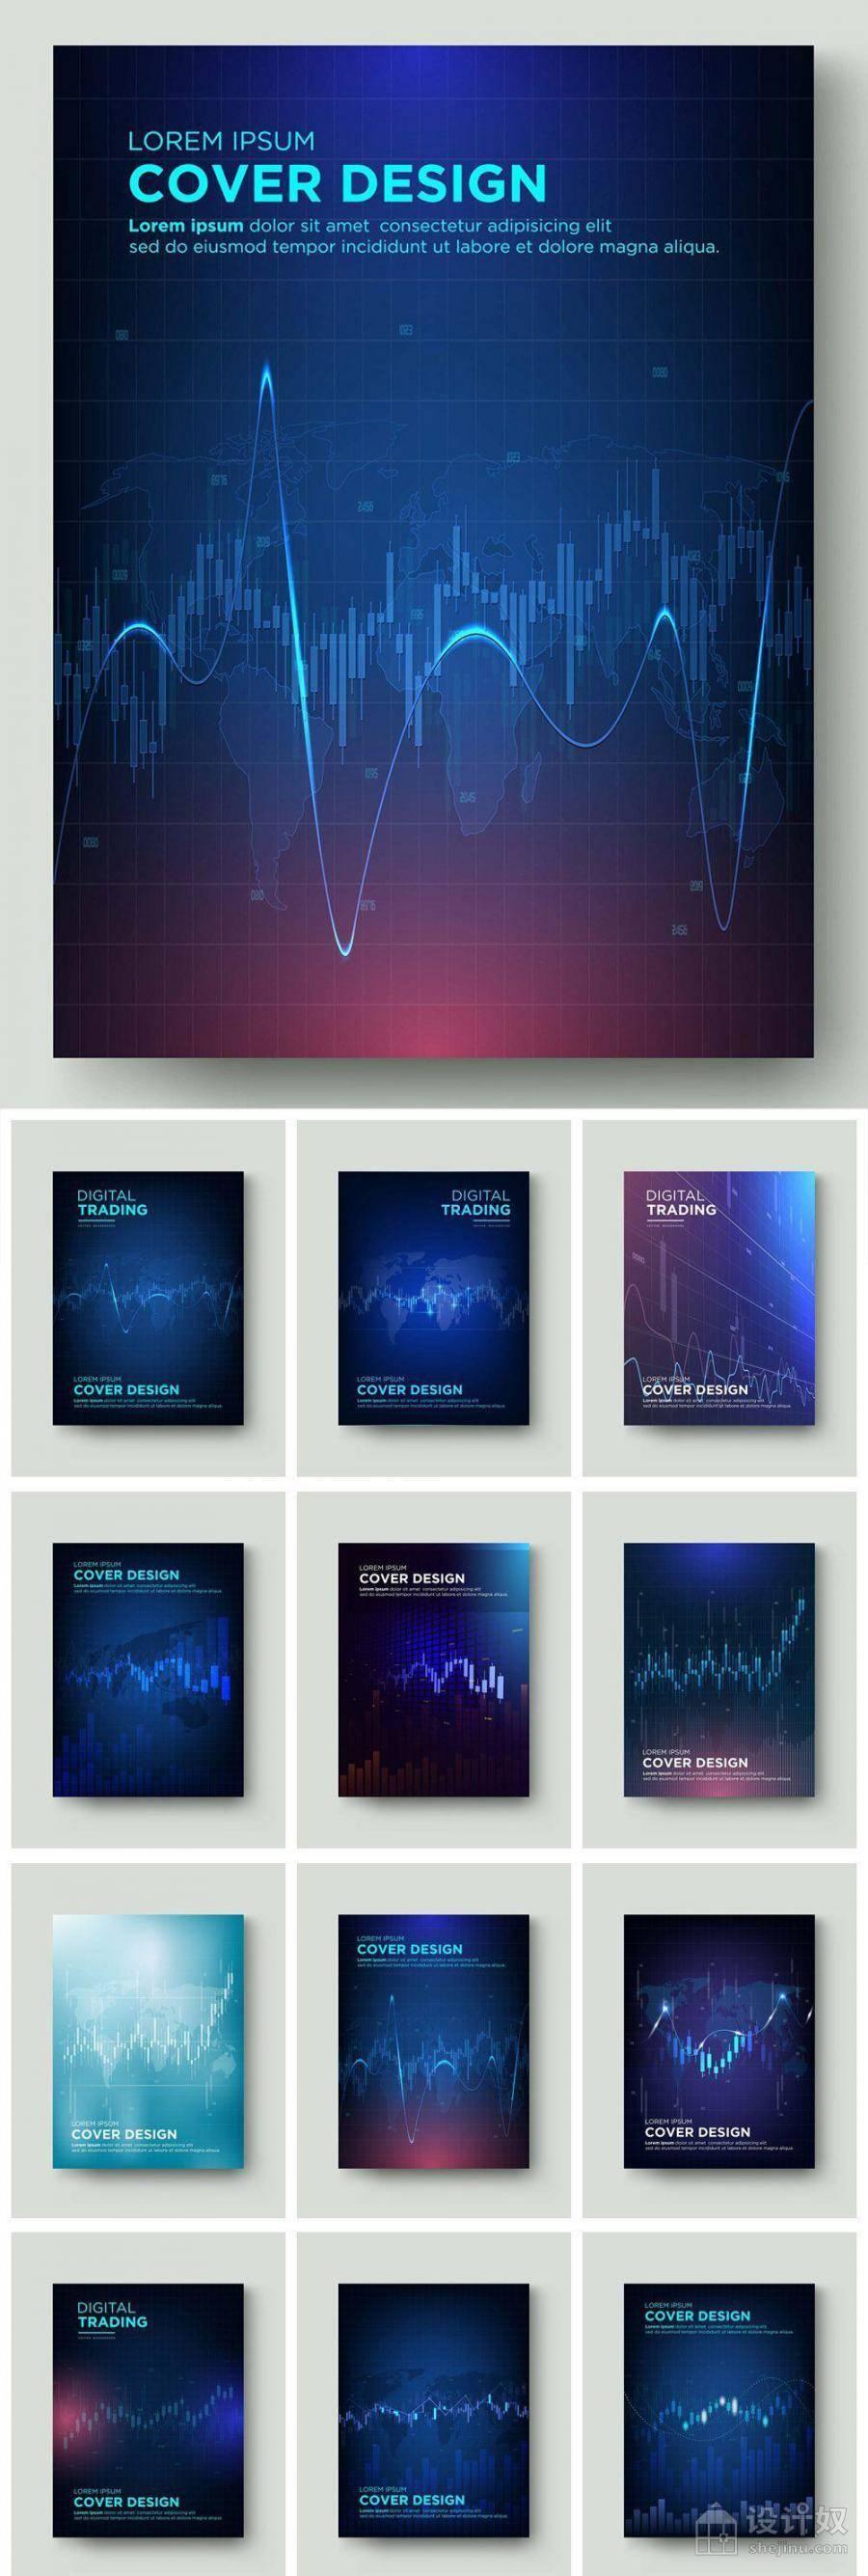 精选12款科技风格股市走势数据波动大数据折线柱状图表、数据宣传模板【EPS】